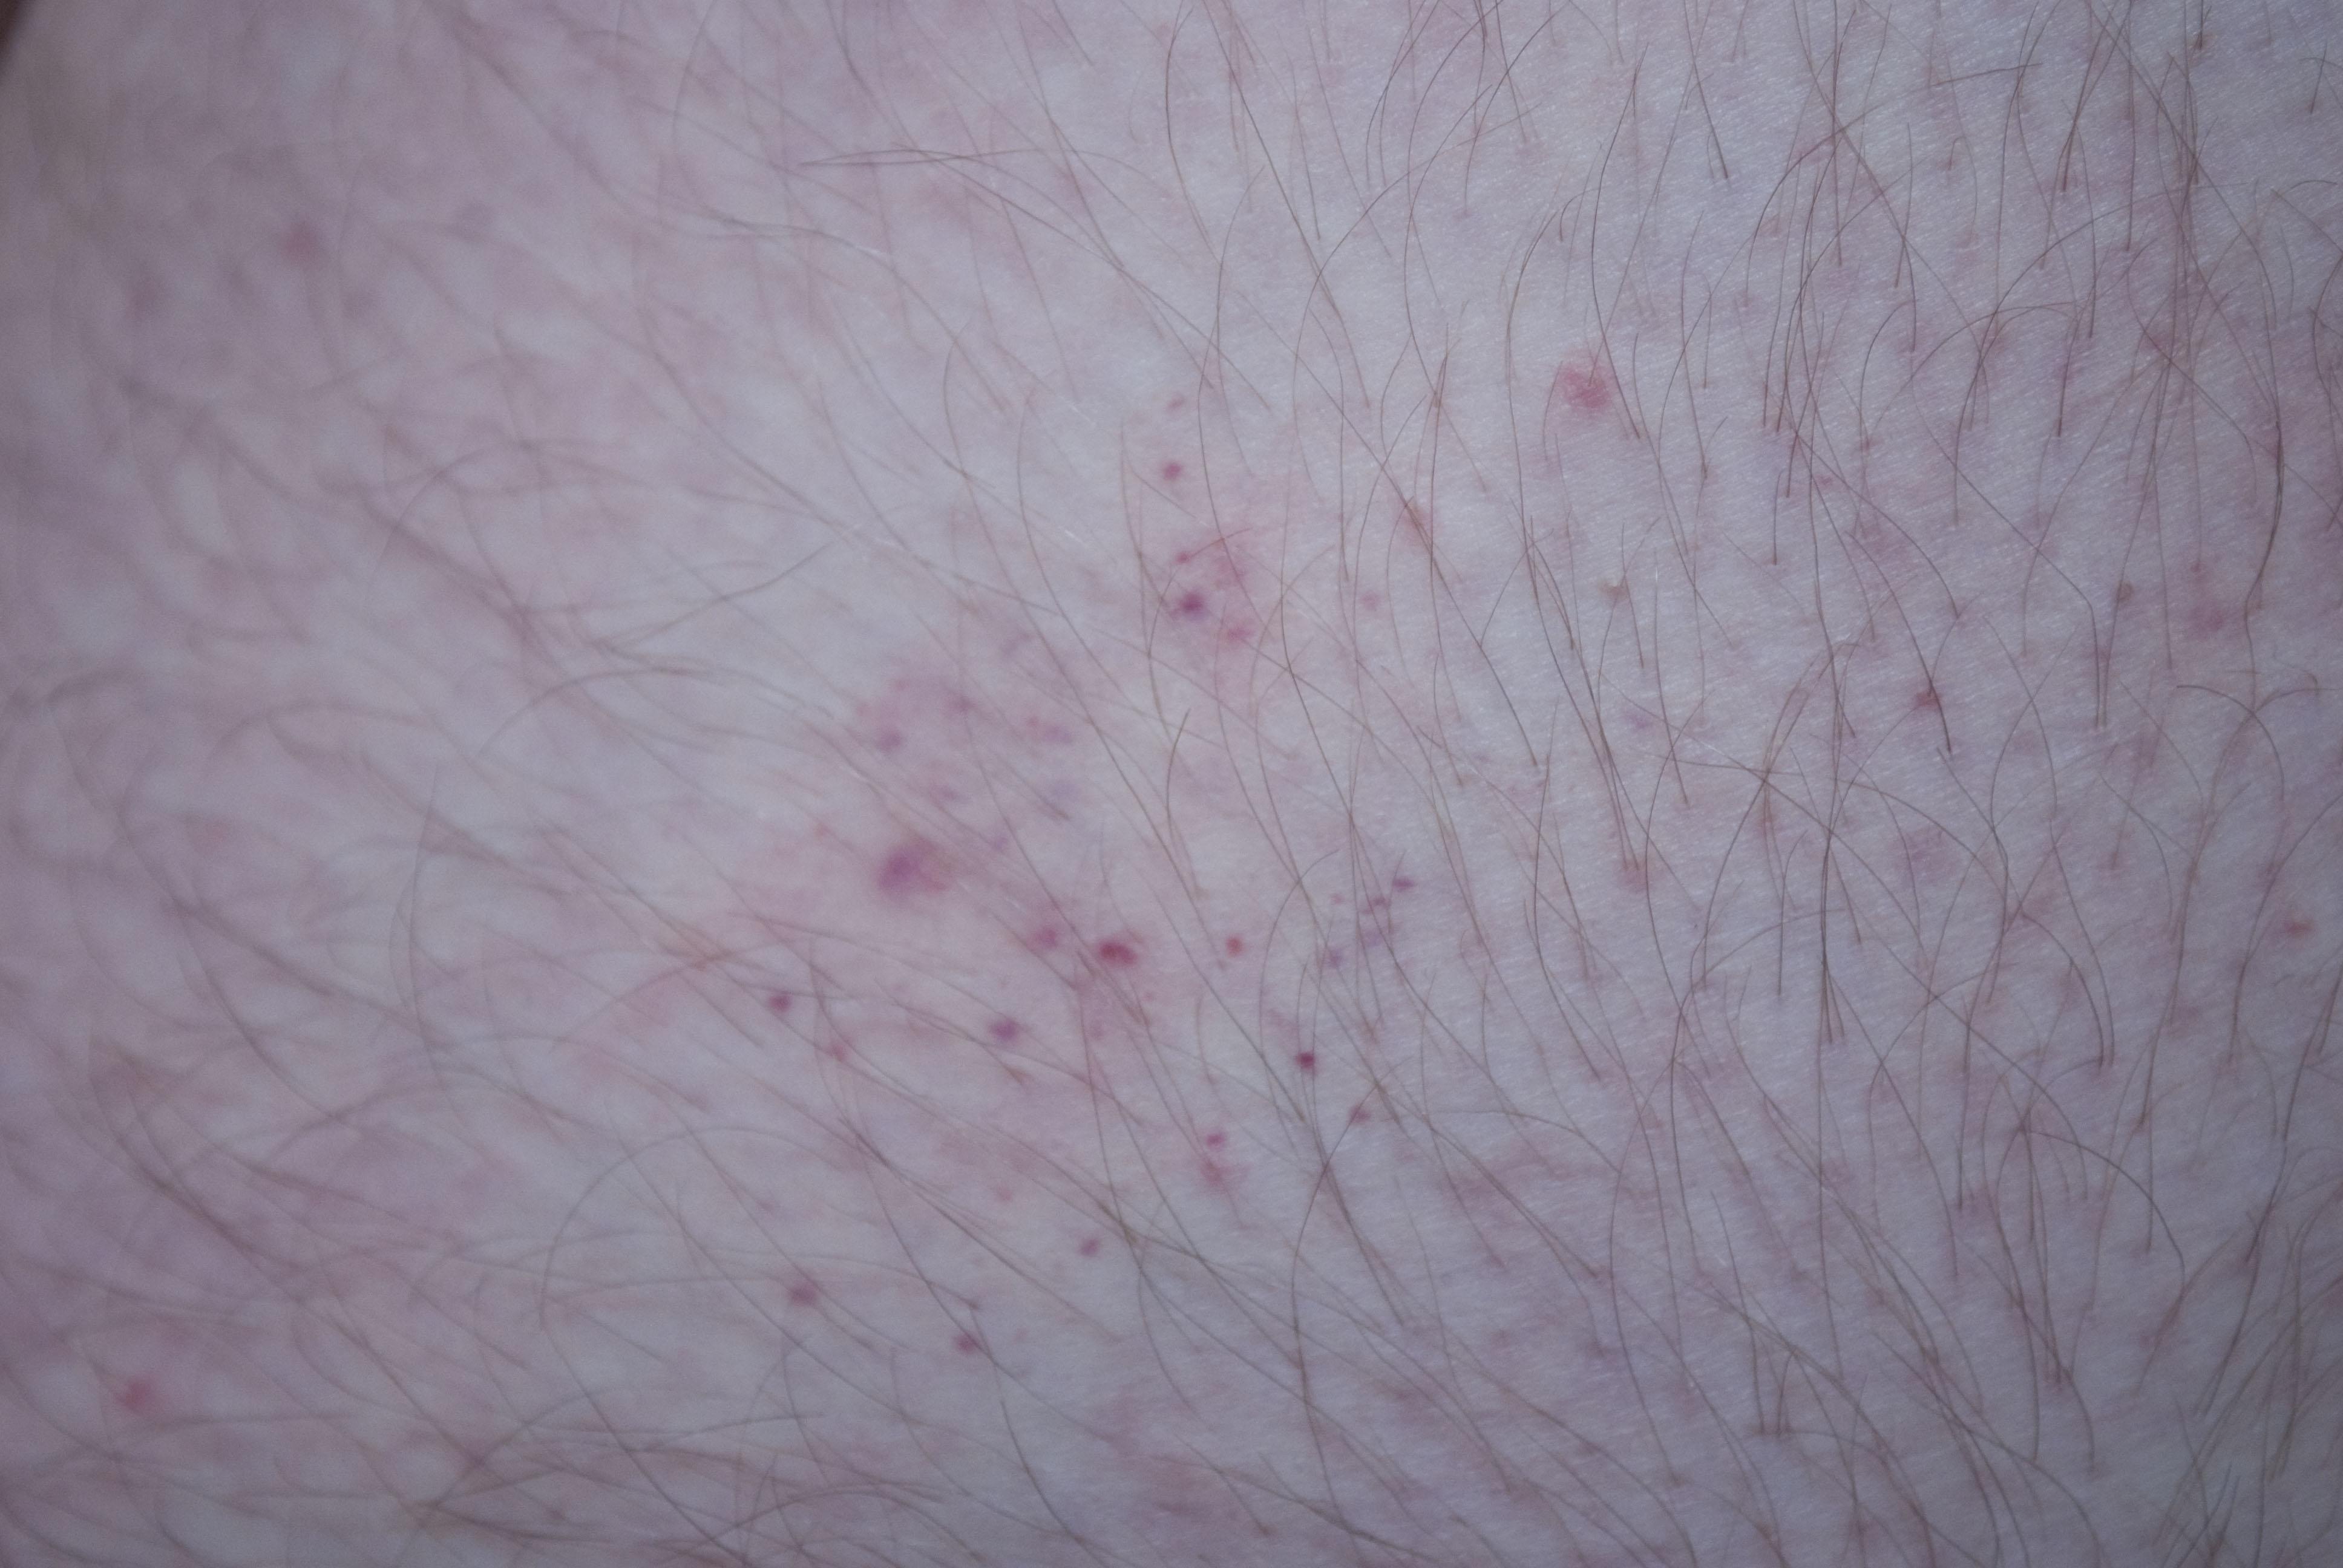 Bed Bug Bites Behind Knees